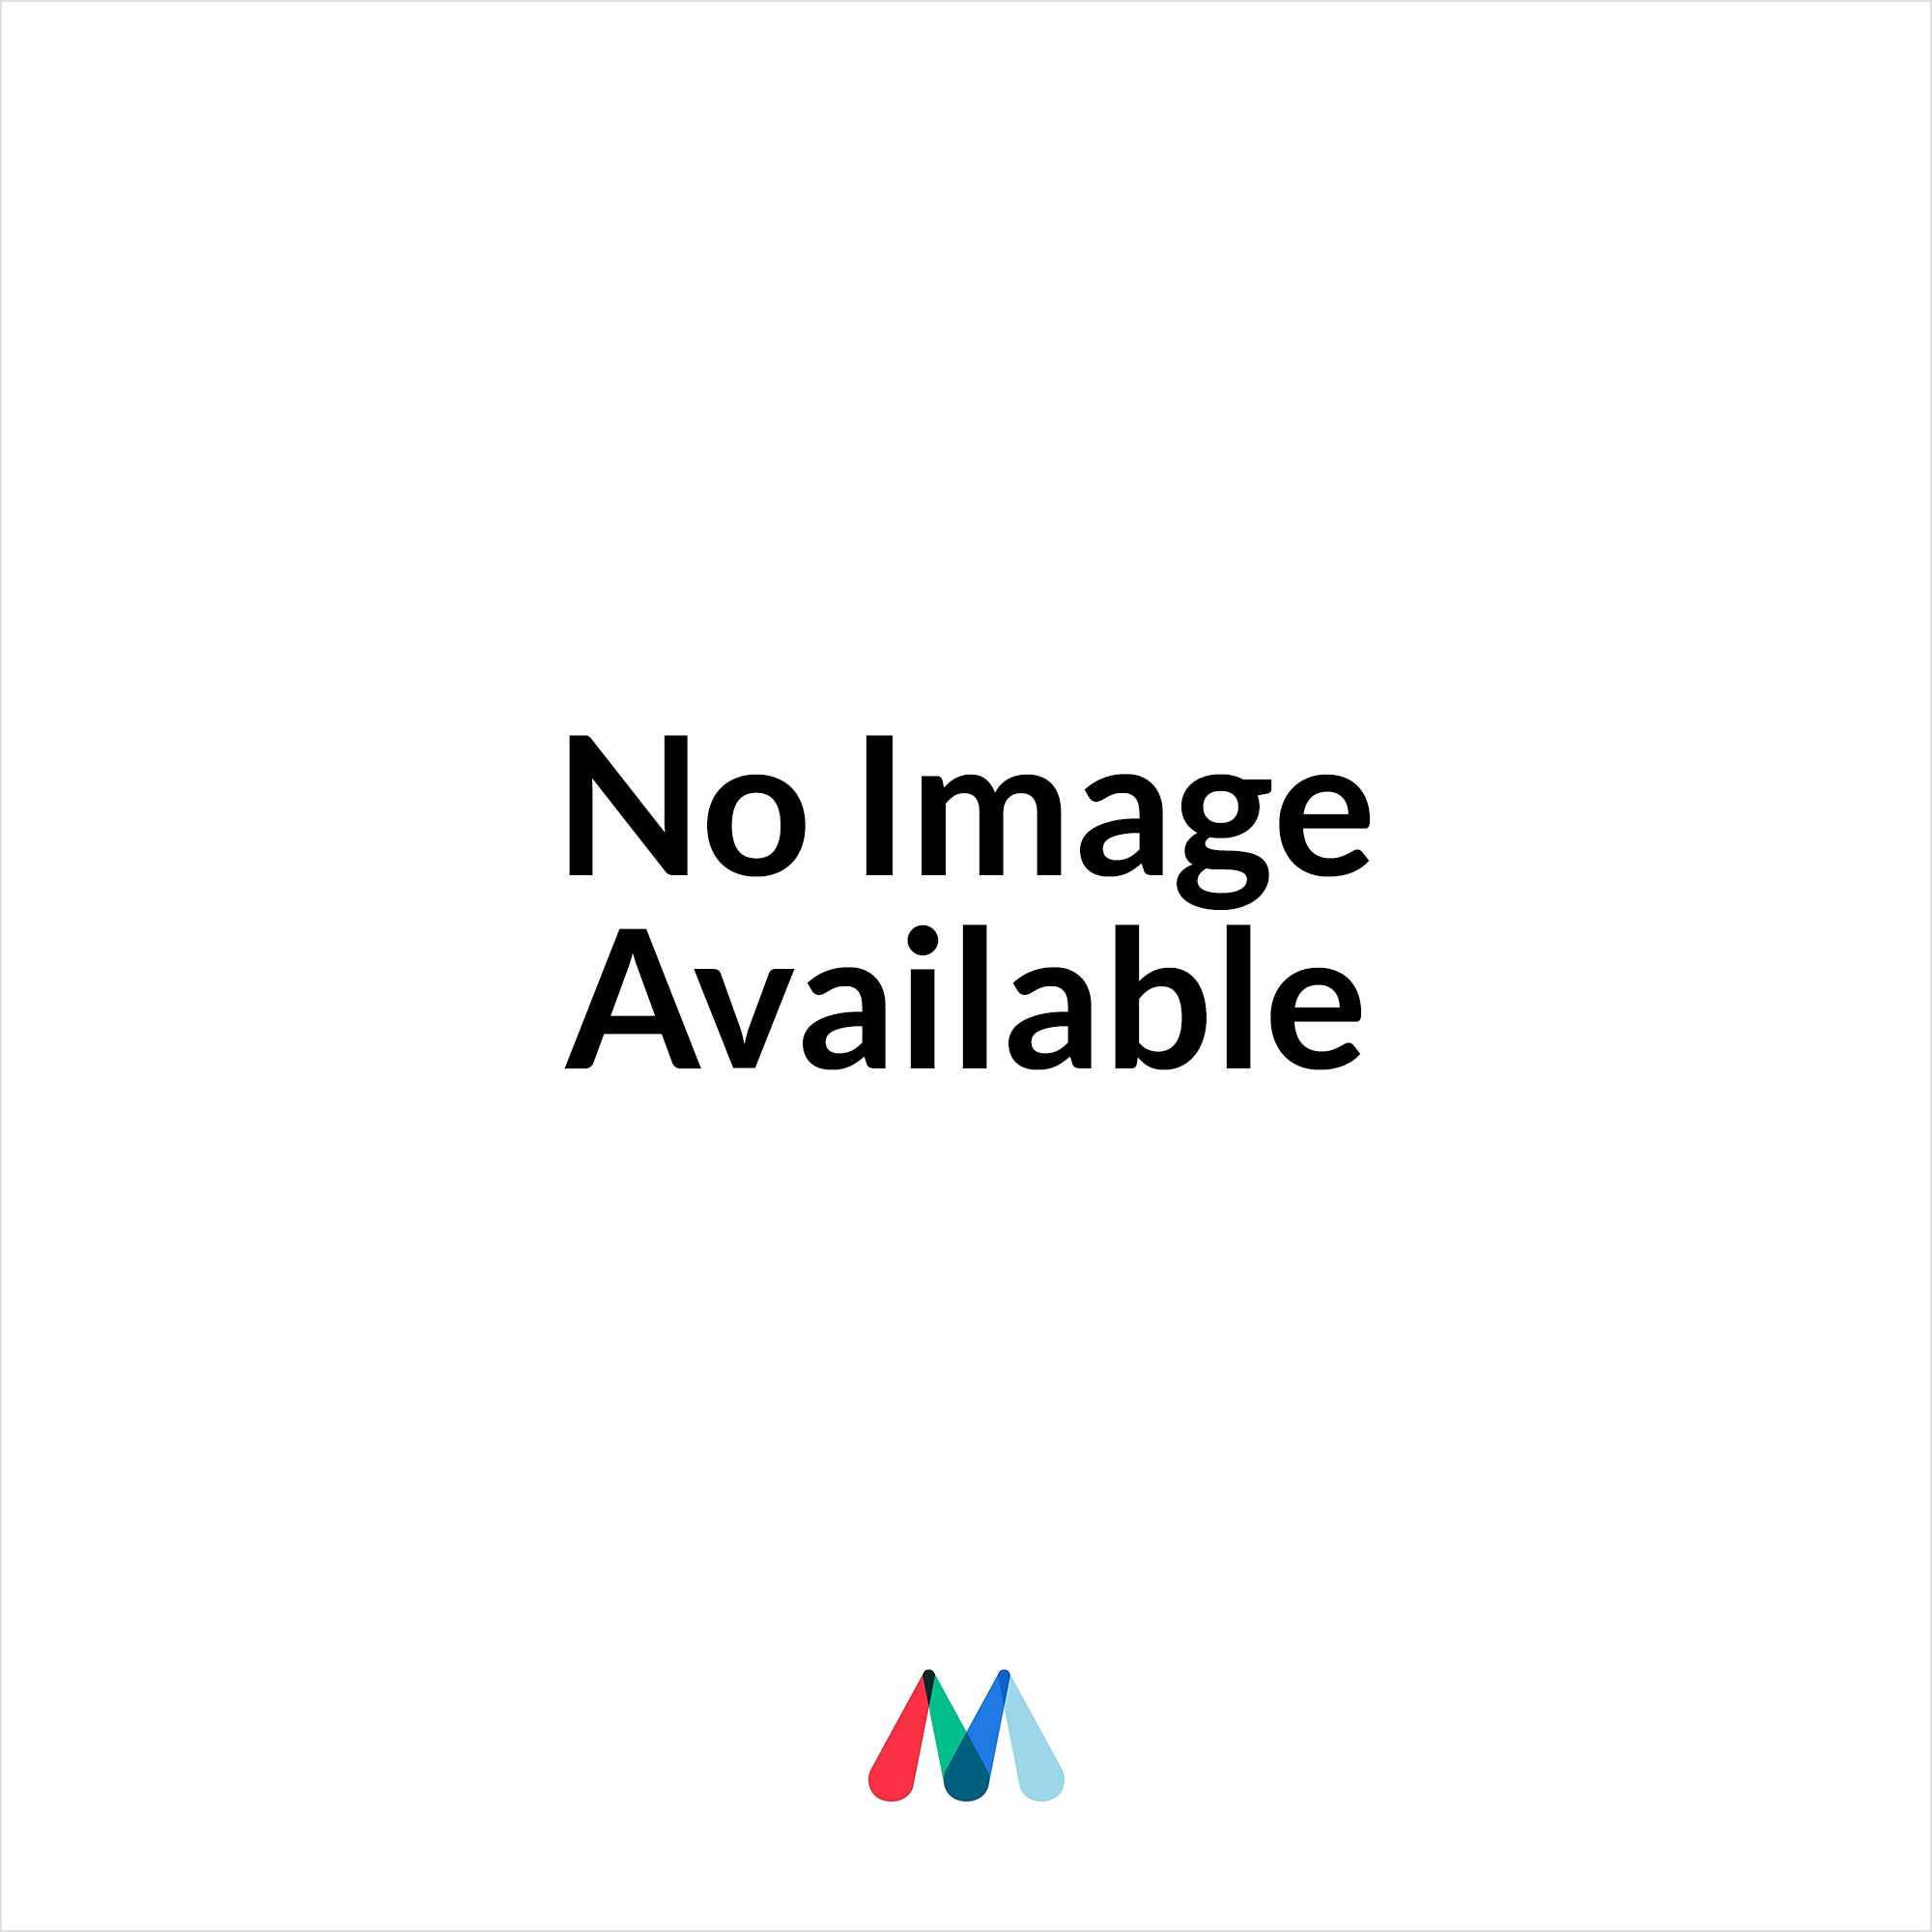 Collingwood Lighting MF02 IP adjustable LED mini light - Stainless steel